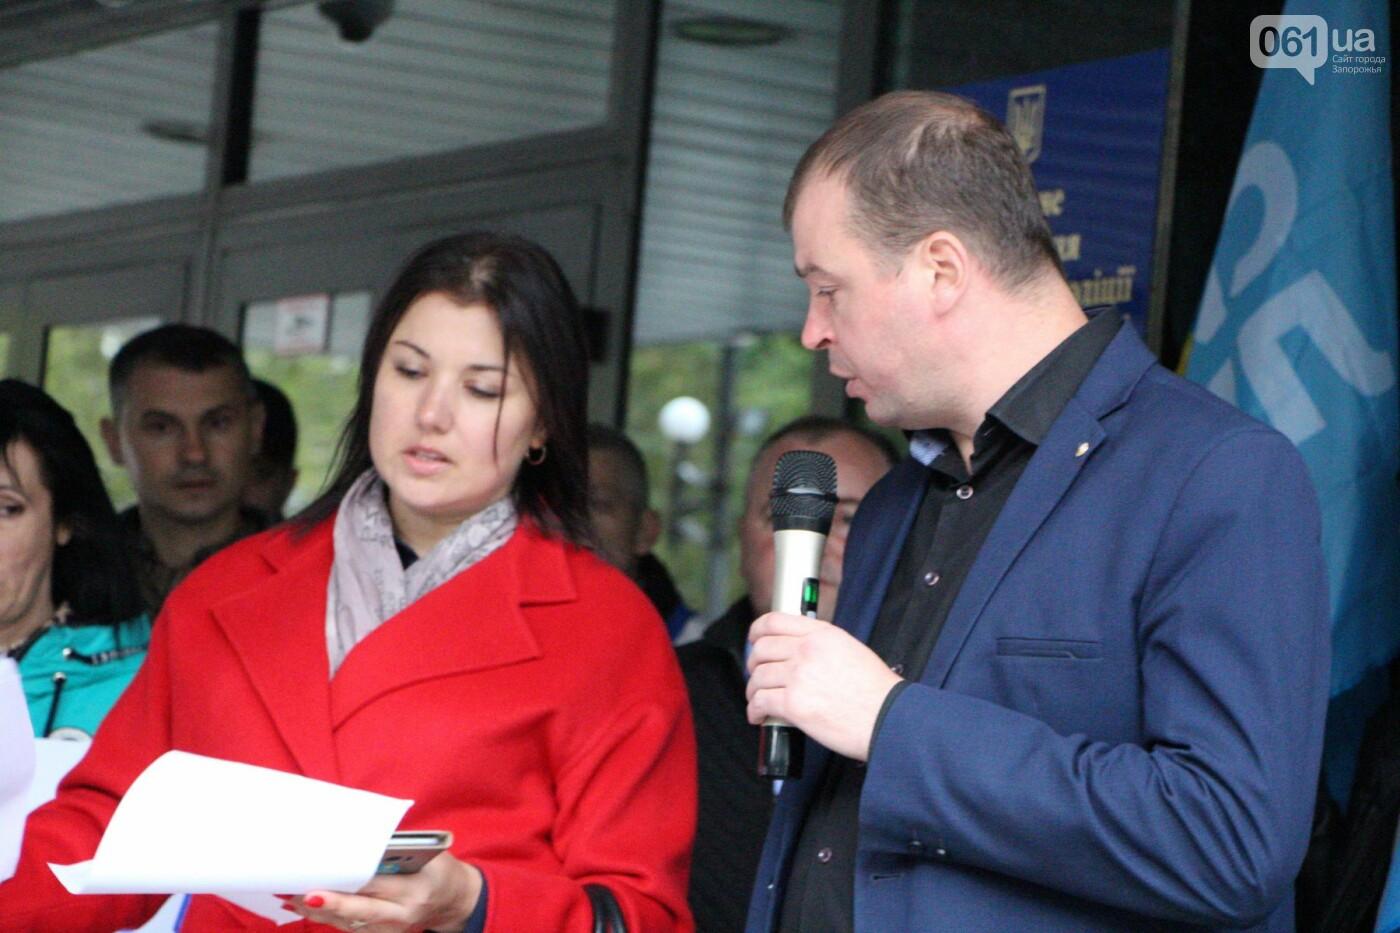 Активисты под прицелом: в Запорожье под зданием Нацполиции митинговали за расследование преступлений, - ФОТОРЕПОРТАЖ, фото-21